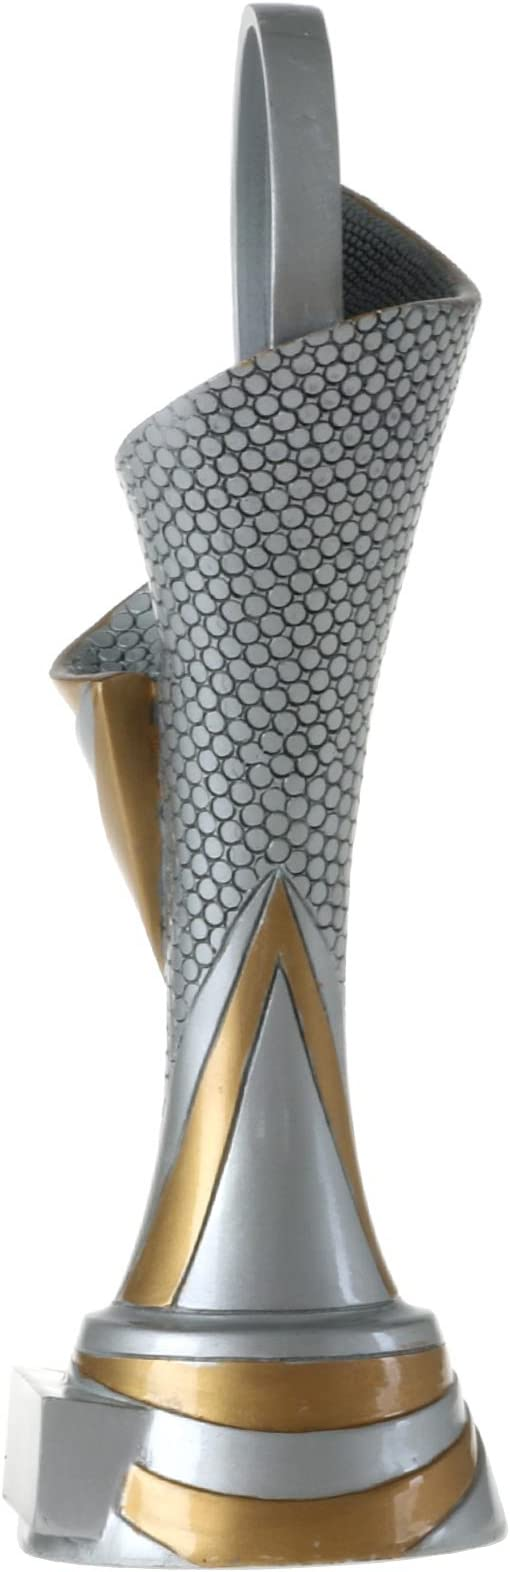 pokalspezialist Pokal Feuerwehr Serie Verdun Troph/äe Silber gro/ß mit Gravur